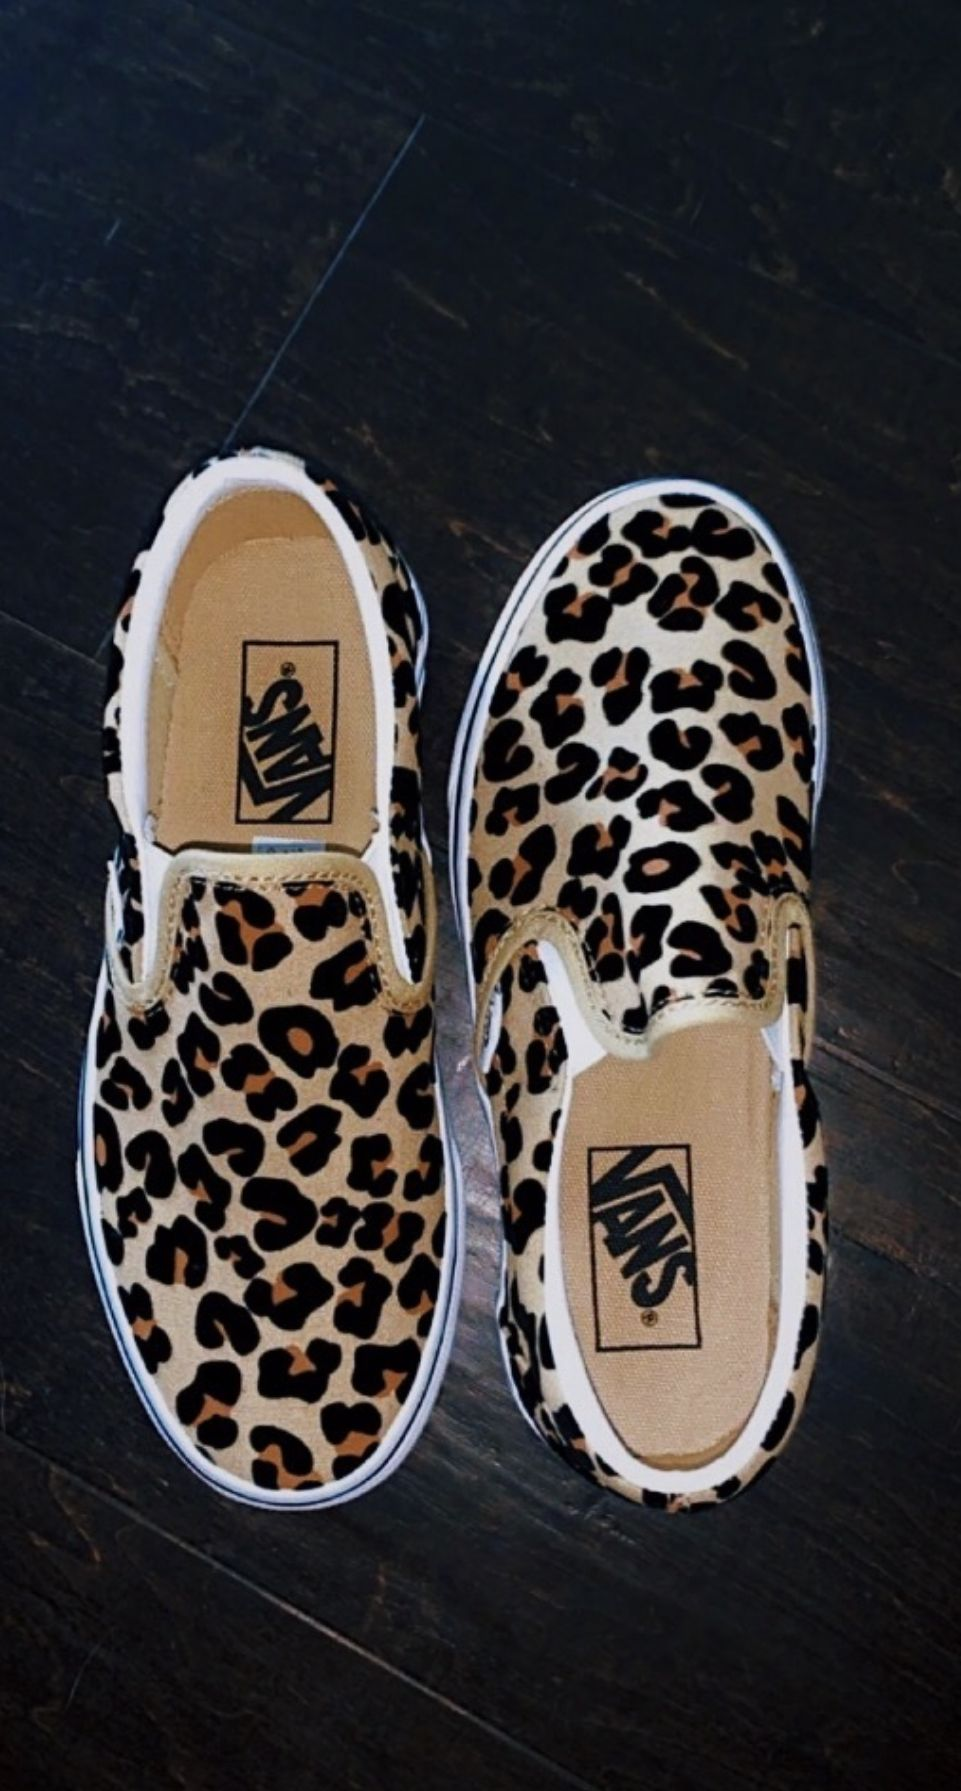 cheetah vans